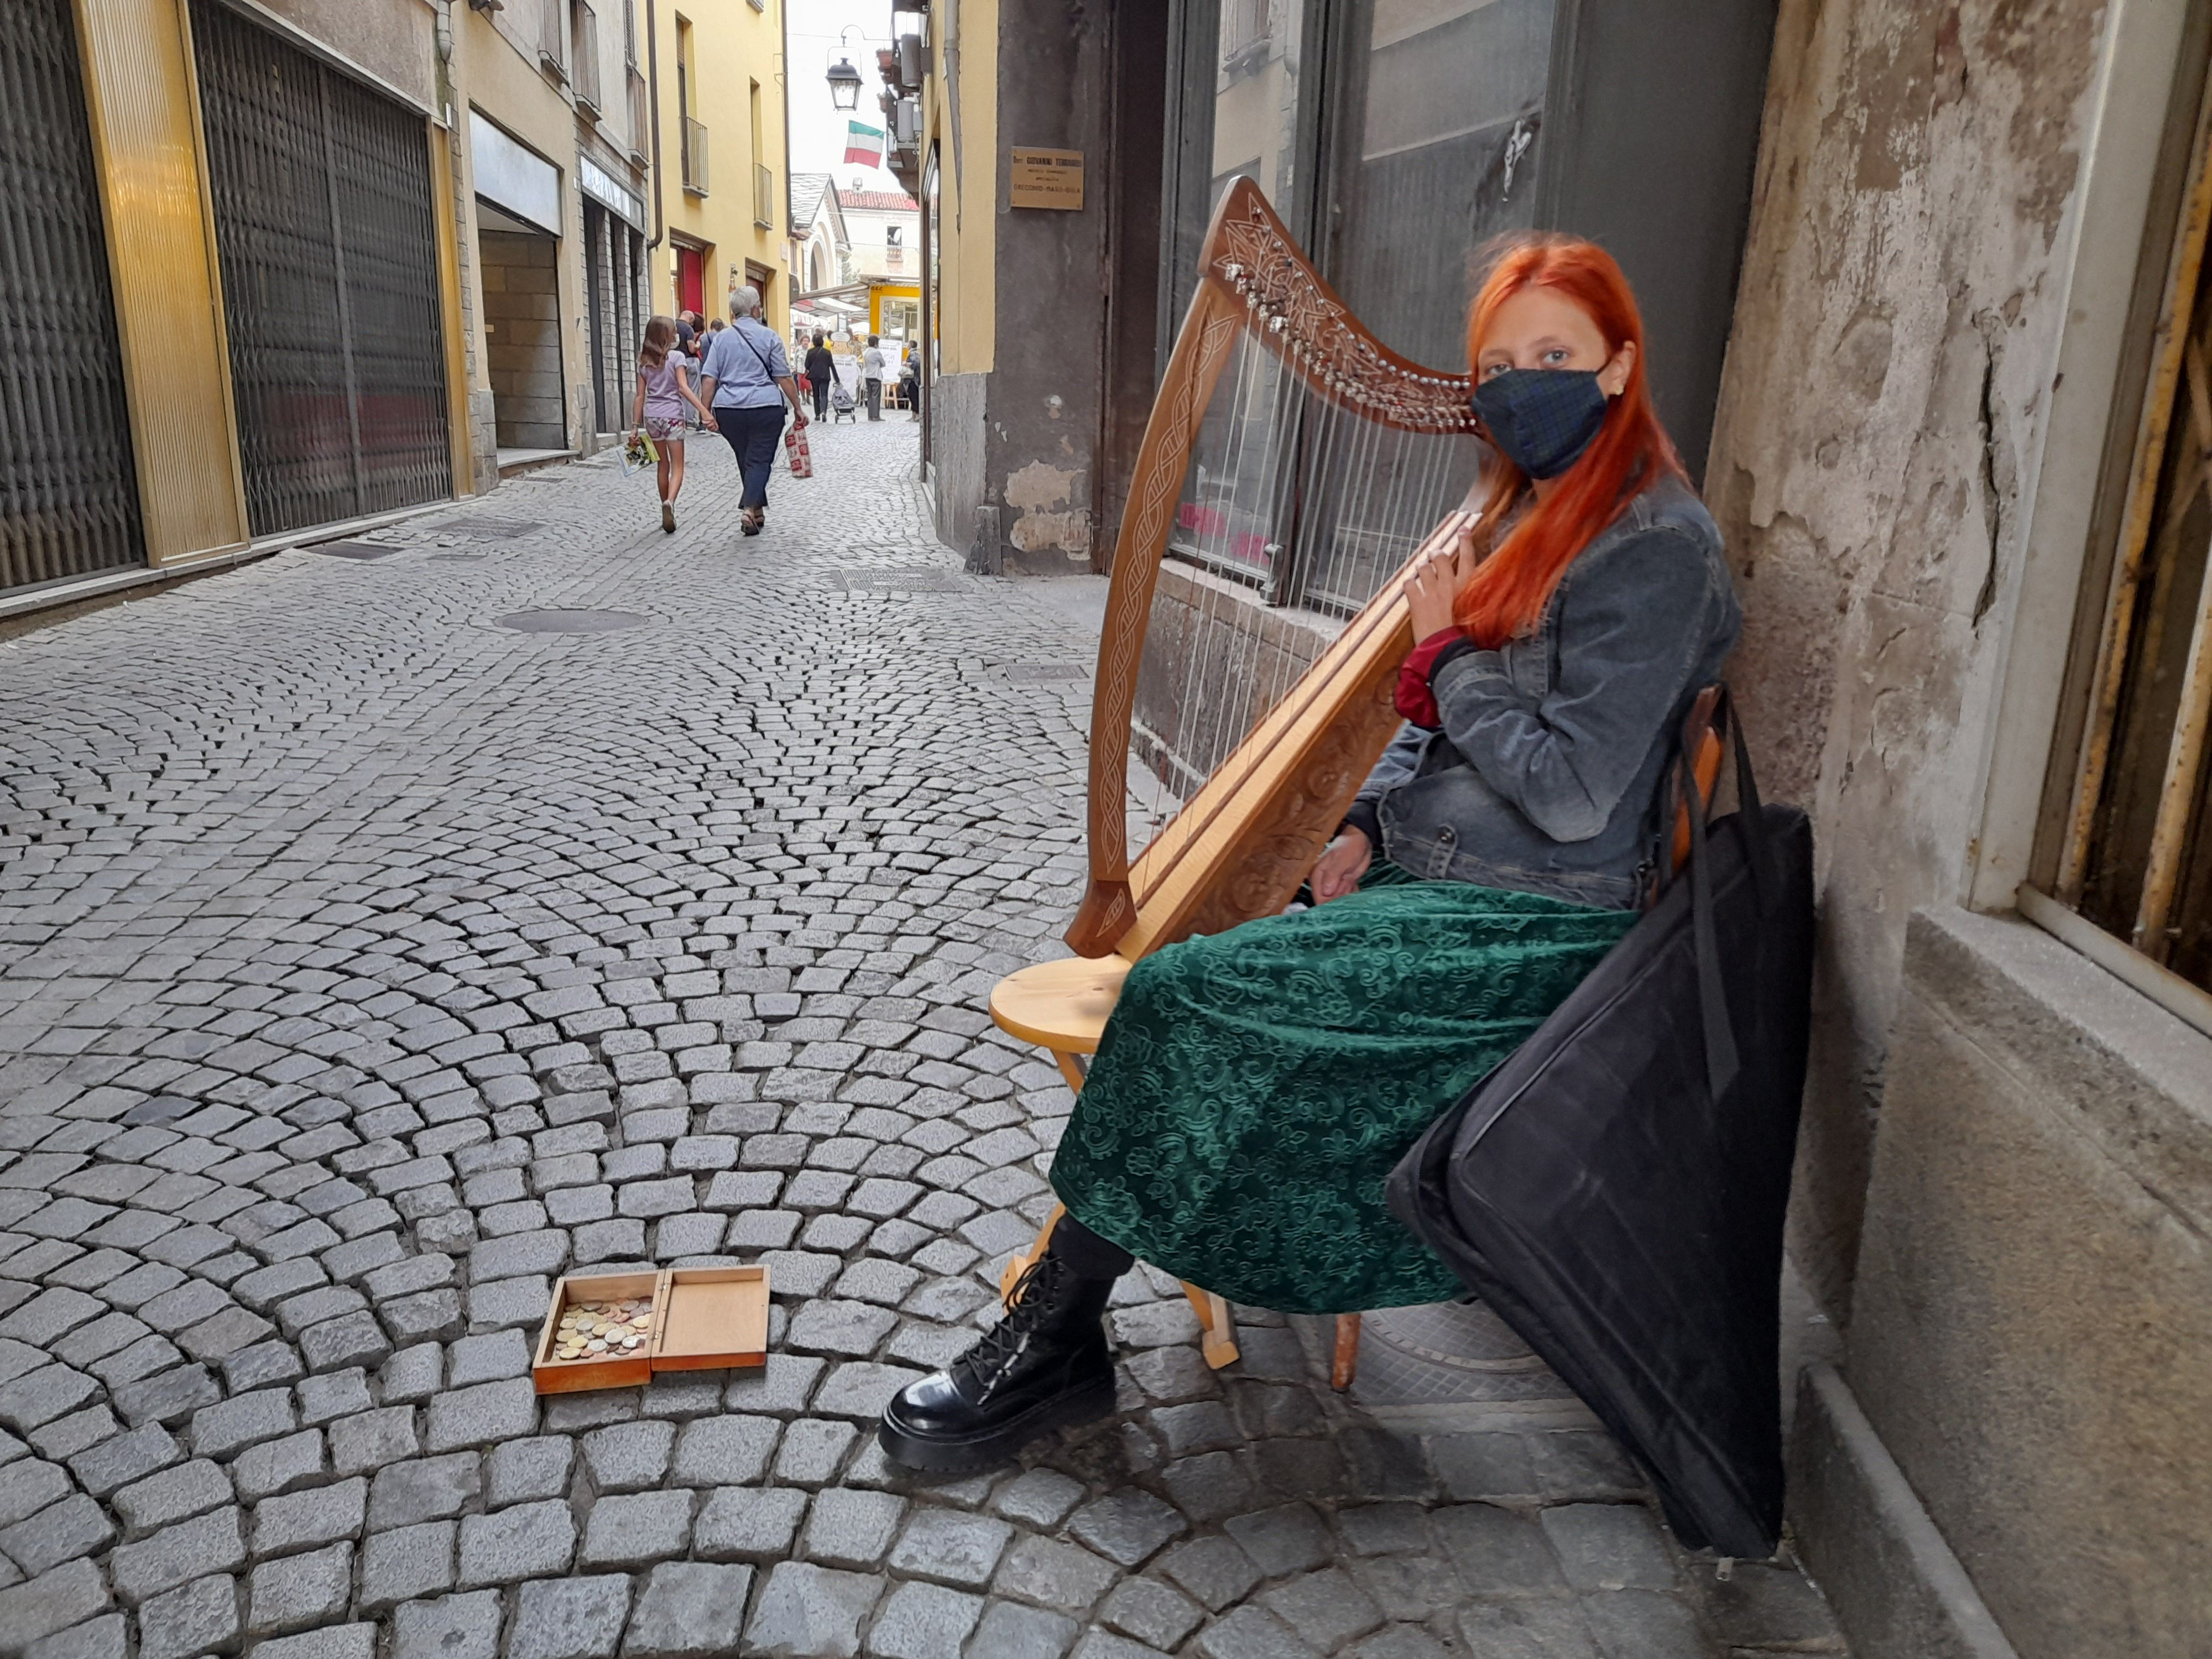 CUORGNE' - Le magiche atmosfere celtiche rivivono grazie all'arpista Martina Merlo - FOTO